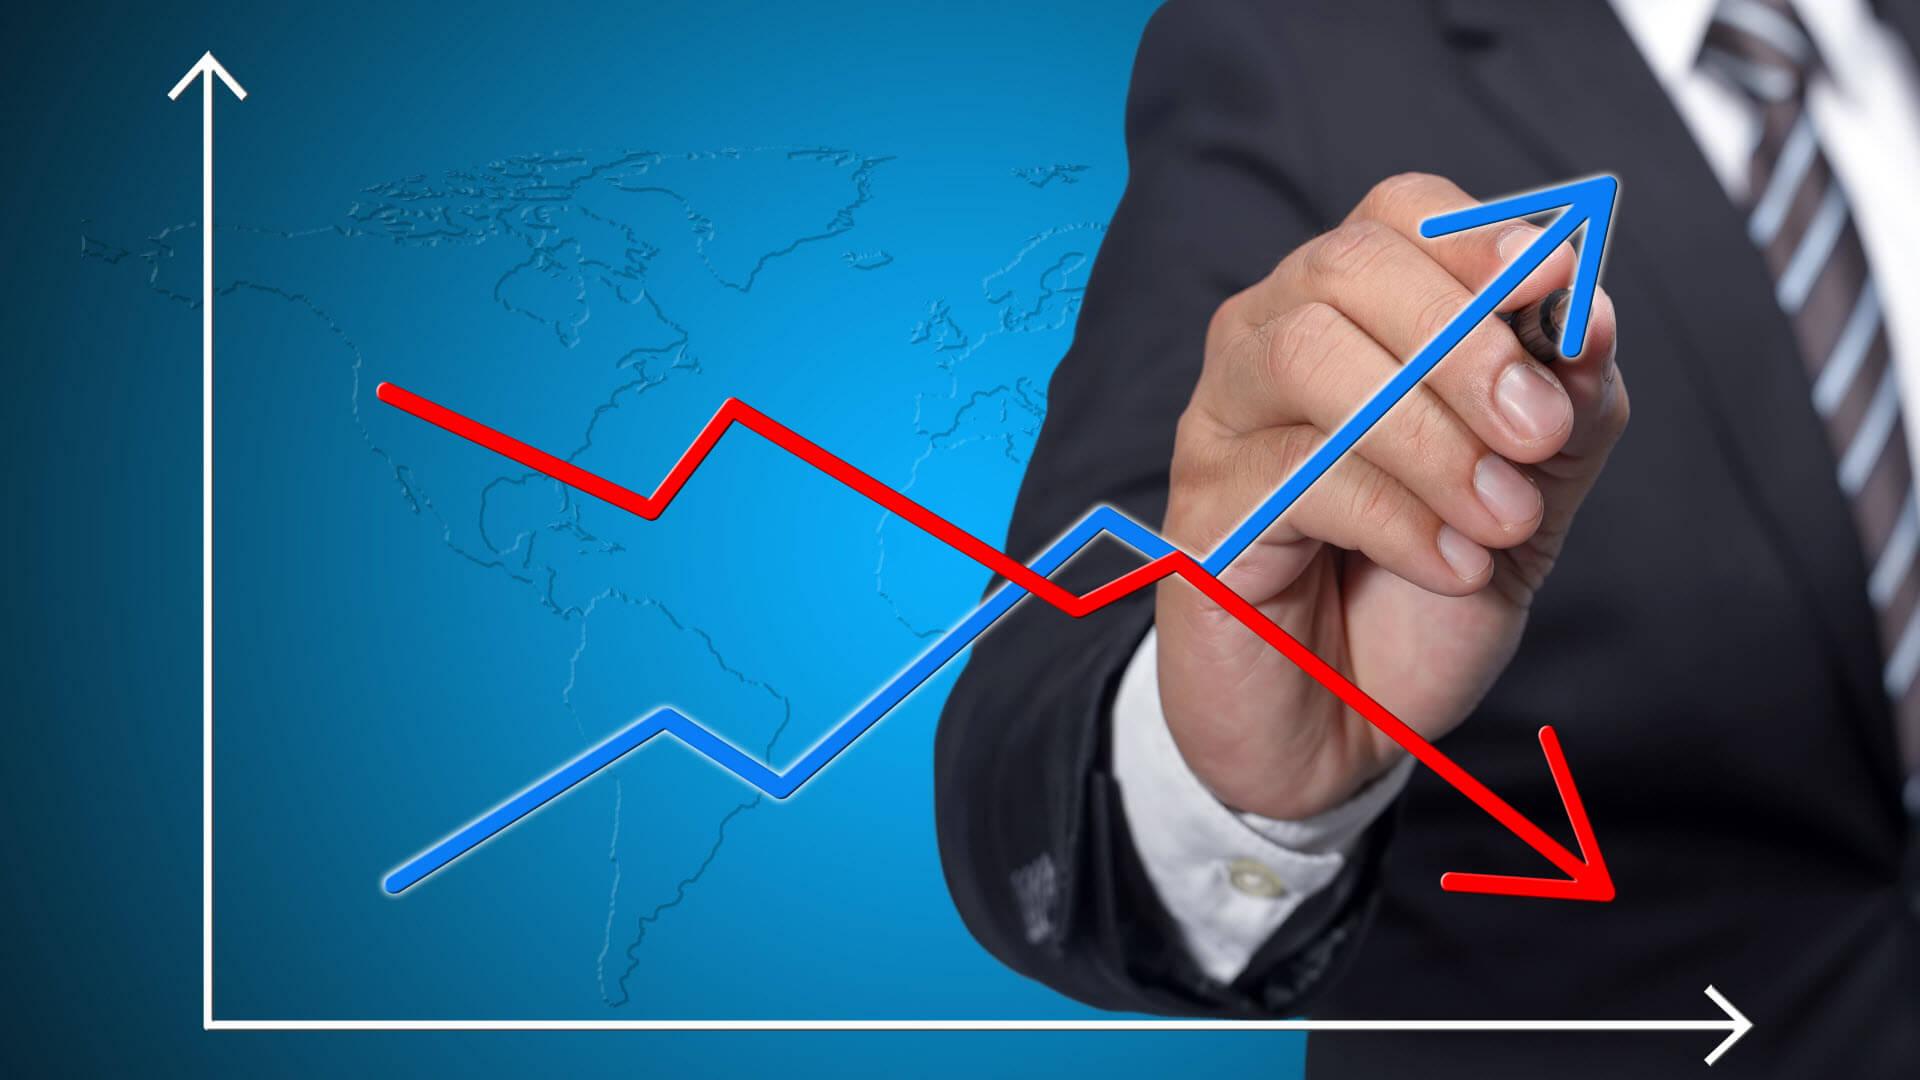 decrease-costs-increase_237475339-ss-1920